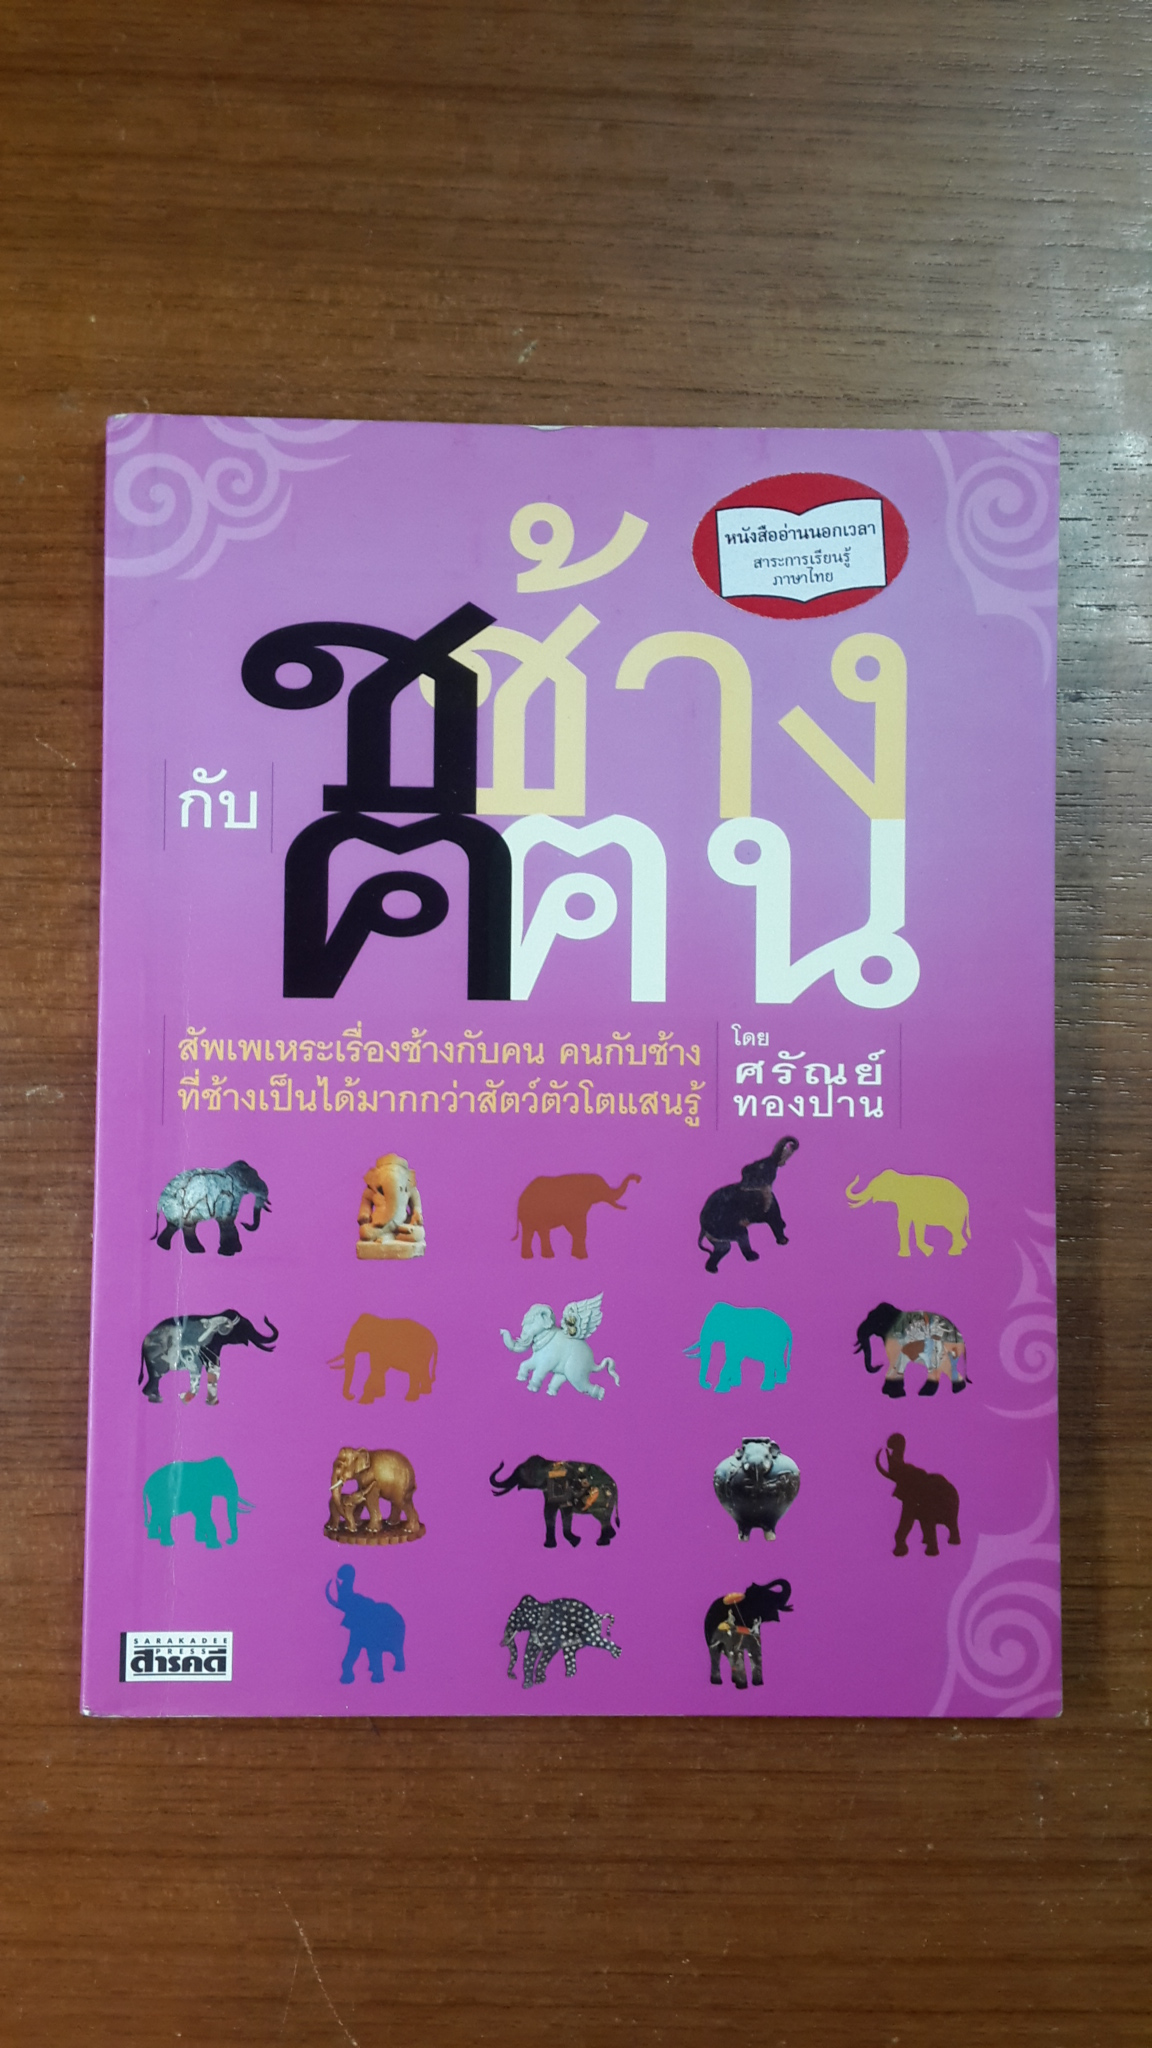 ช ช้าง กับ ฅ ฅน / ศรัณย์ ทองปาน